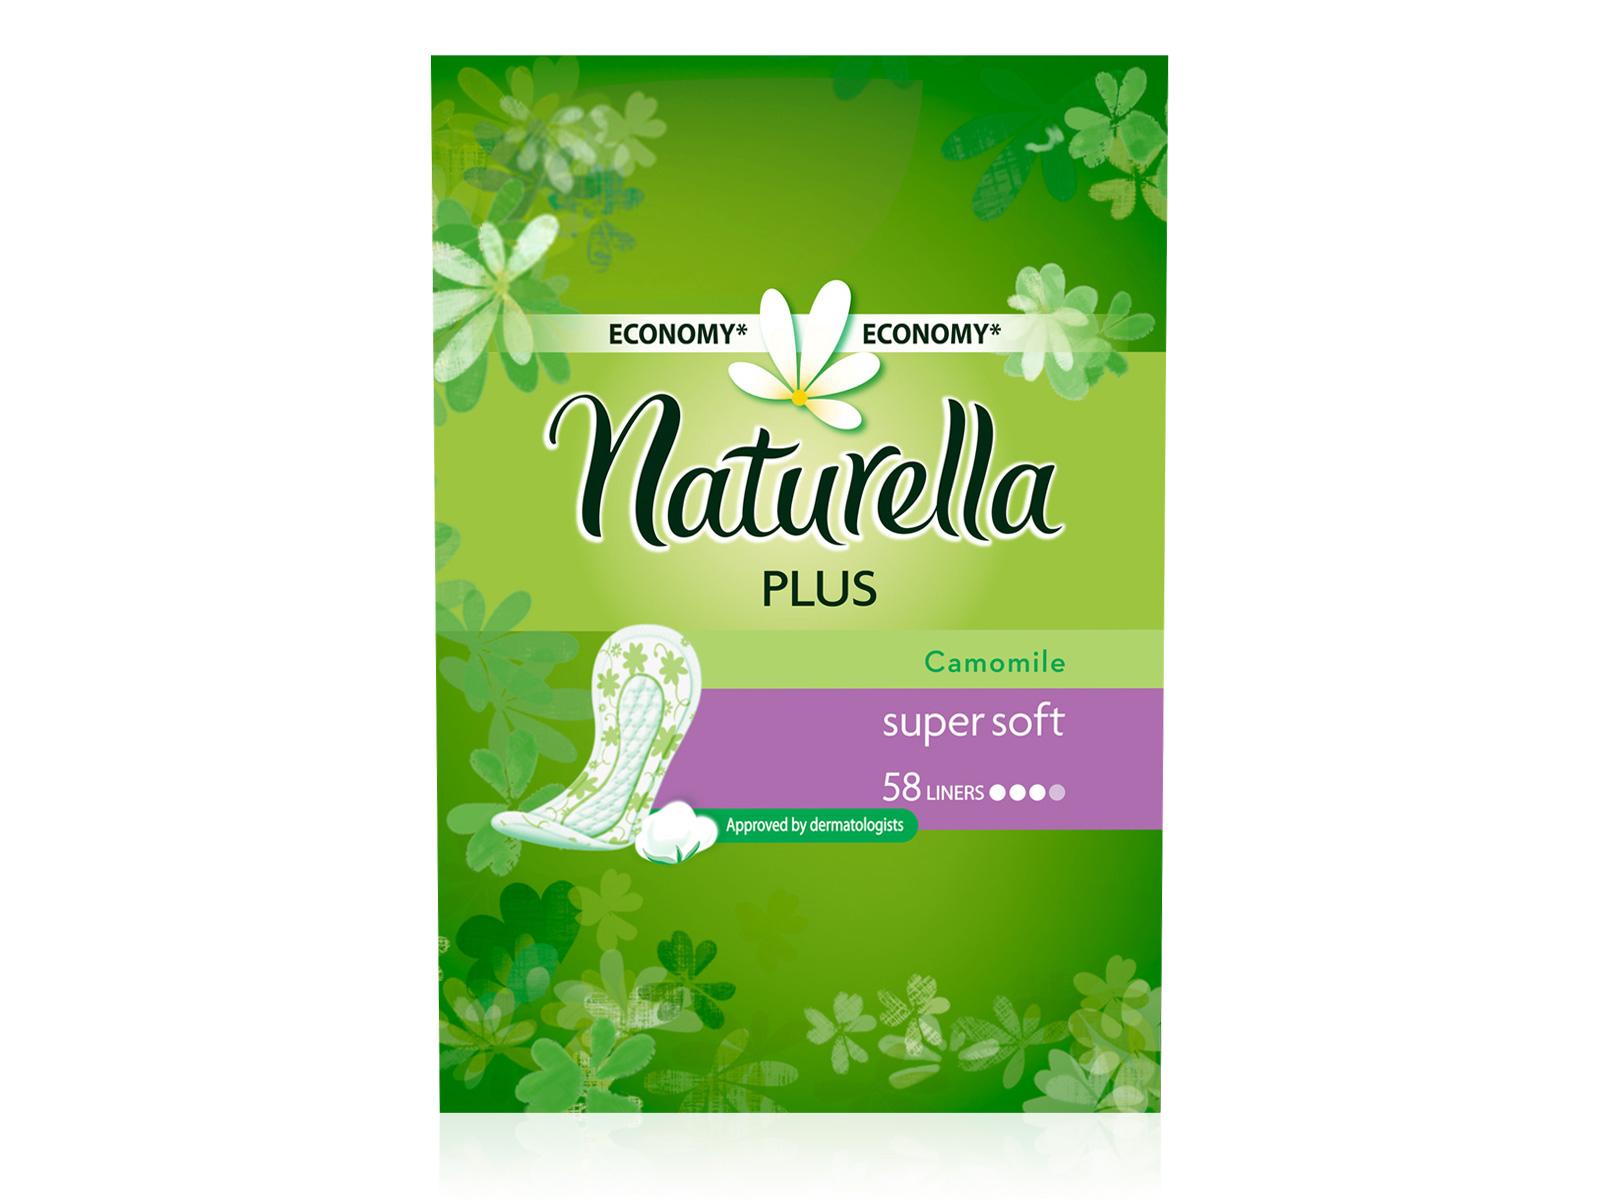 Naturella Женские гигиенические прокладки на каждый день Camomile Plus Trio 58штNT-83730614Сохраните свежесть и защиту на целый день с ежедневными гигиеническими прокладками Naturella Plus. Эти воздухопроницаемые ежедневные прокладки толщиной 1,7 мм с мягким, как лепесток, верхним слоем и легким ароматом, вдохновленным самой природой, обеспечивают свежесть и комфорт каждый день.Одобренные дерматологическим институтом proDERM ежедневные прокладки Naturella каждый день обеспечивают заботу о женской гигиене, которой можно доверять. Ежедневные гигиенические прокладки Naturella одобрены дерматологическим институтом proDERM и обеспечивают надежный ежедневный гигиенический уход.Ежедневные прокладки Naturella отлично защищают нижнее белье при выделениях из влагалища, нерегулярном цикле и выделениях перед менструацией.Во время менструации обязательно воспользуйтесь прокладками Naturella для усиленной защиты. Невероятно мягкий верхний слой обеспечивает дополнительный комфорт в интимной зоне Улучшенная зона впитываемости Являются самыми мягкими и плотными ежедневками в портфеле Naturella Дышащий верхний слой и легкий аромат ромашки для ежедневной свежести Одобрено дерматологами всемирно известного немецкого института proDERM и гарантируют женщинам надежную защиту, которой можно доверять